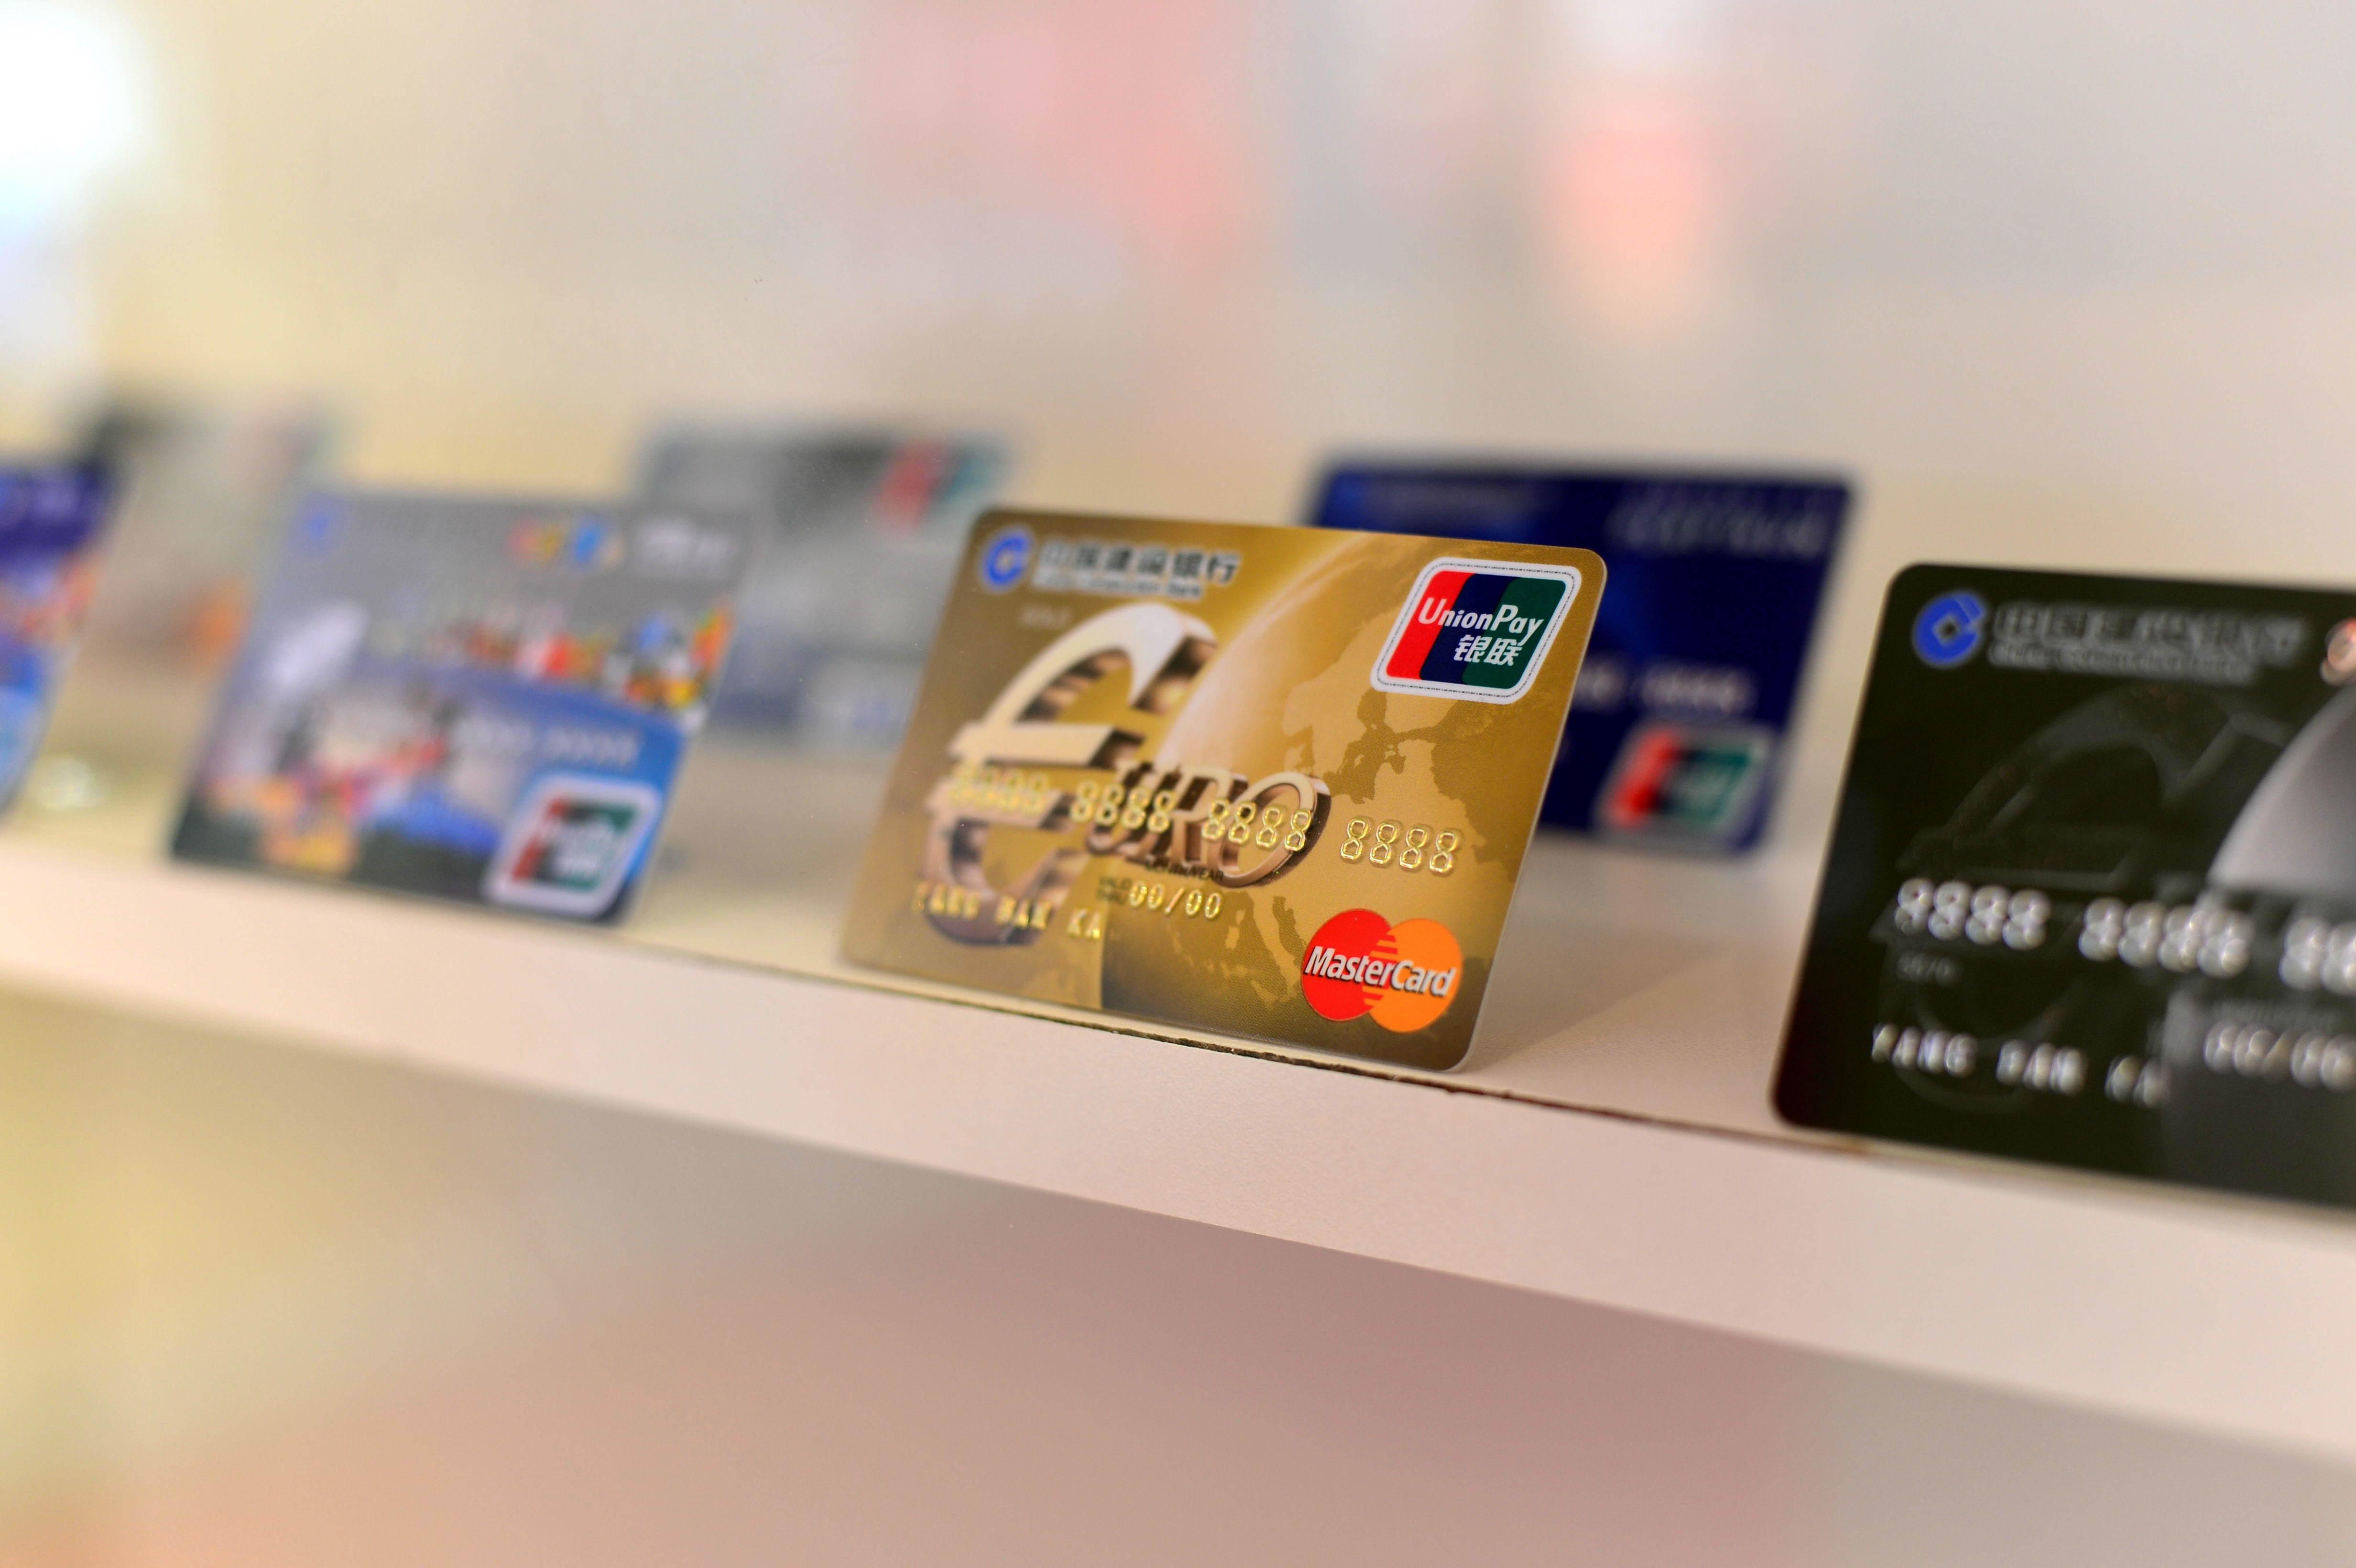 8万额度白金卡,抖音卡和这张卡,你选哪个?